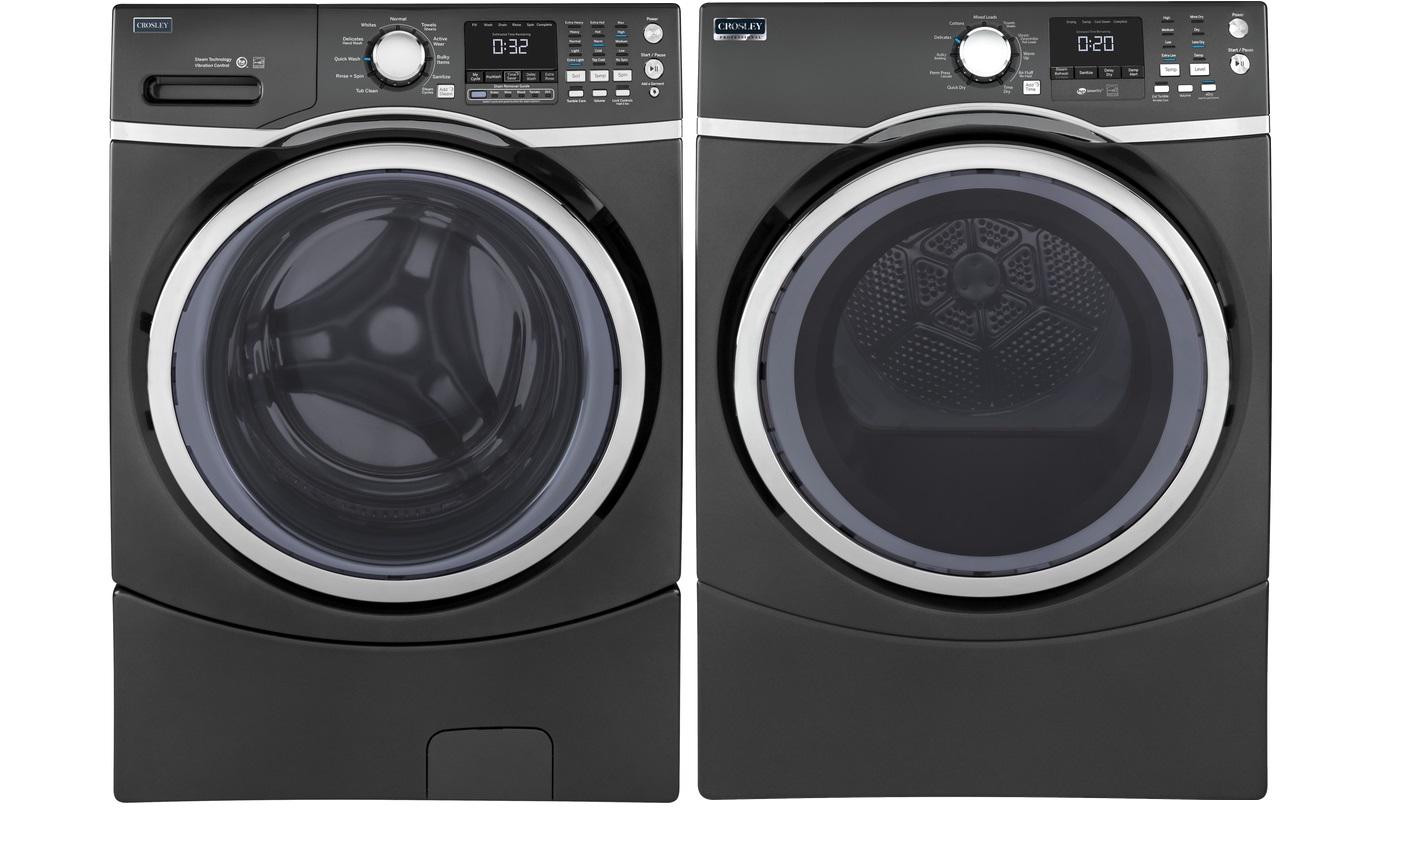 Crosley Front Load Washer Dryer Set Model Yfw450spmdg Yfd45espmdg Basham S